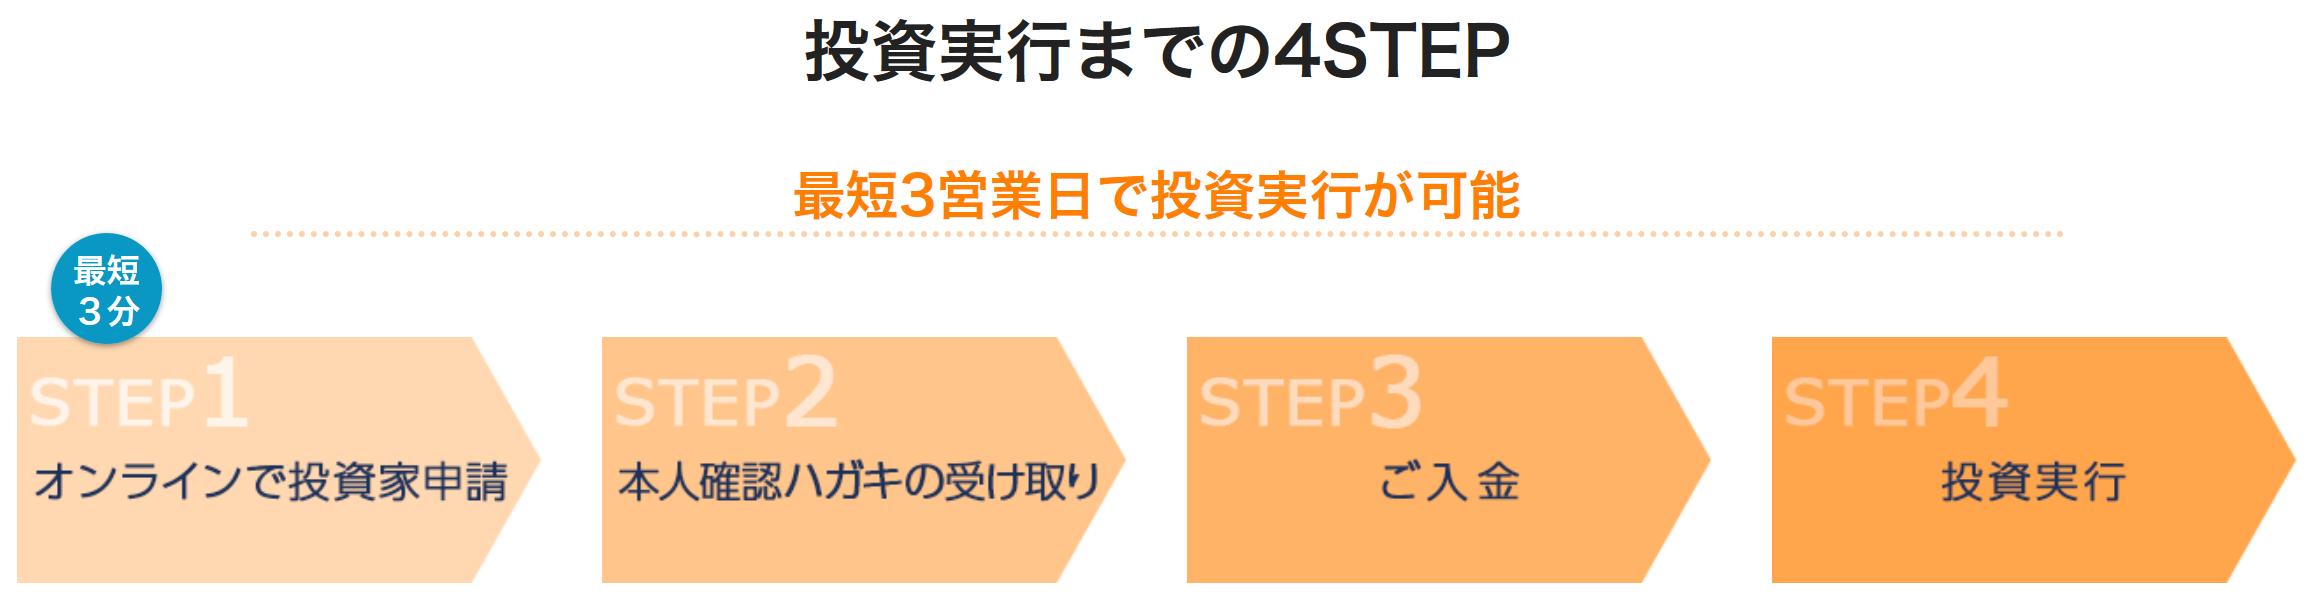 オーナーズブック投資実行までの4STEP